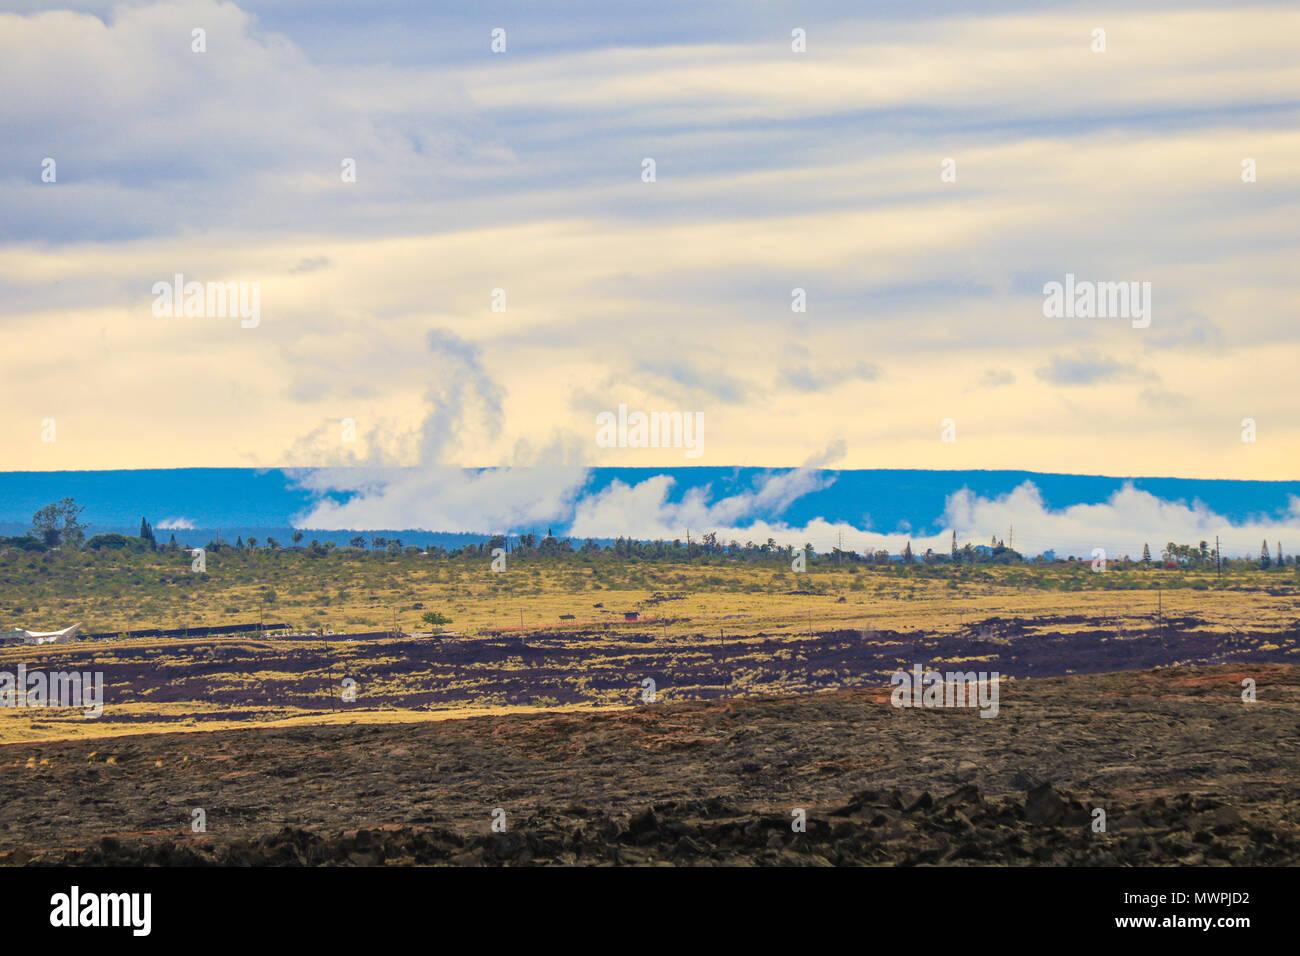 Parc national de Haleakalā - une belle et écosystème diversifié et accueil à la plus spectaculaire lever du soleil sur la planète. Maui, Hawaii, USA Banque D'Images